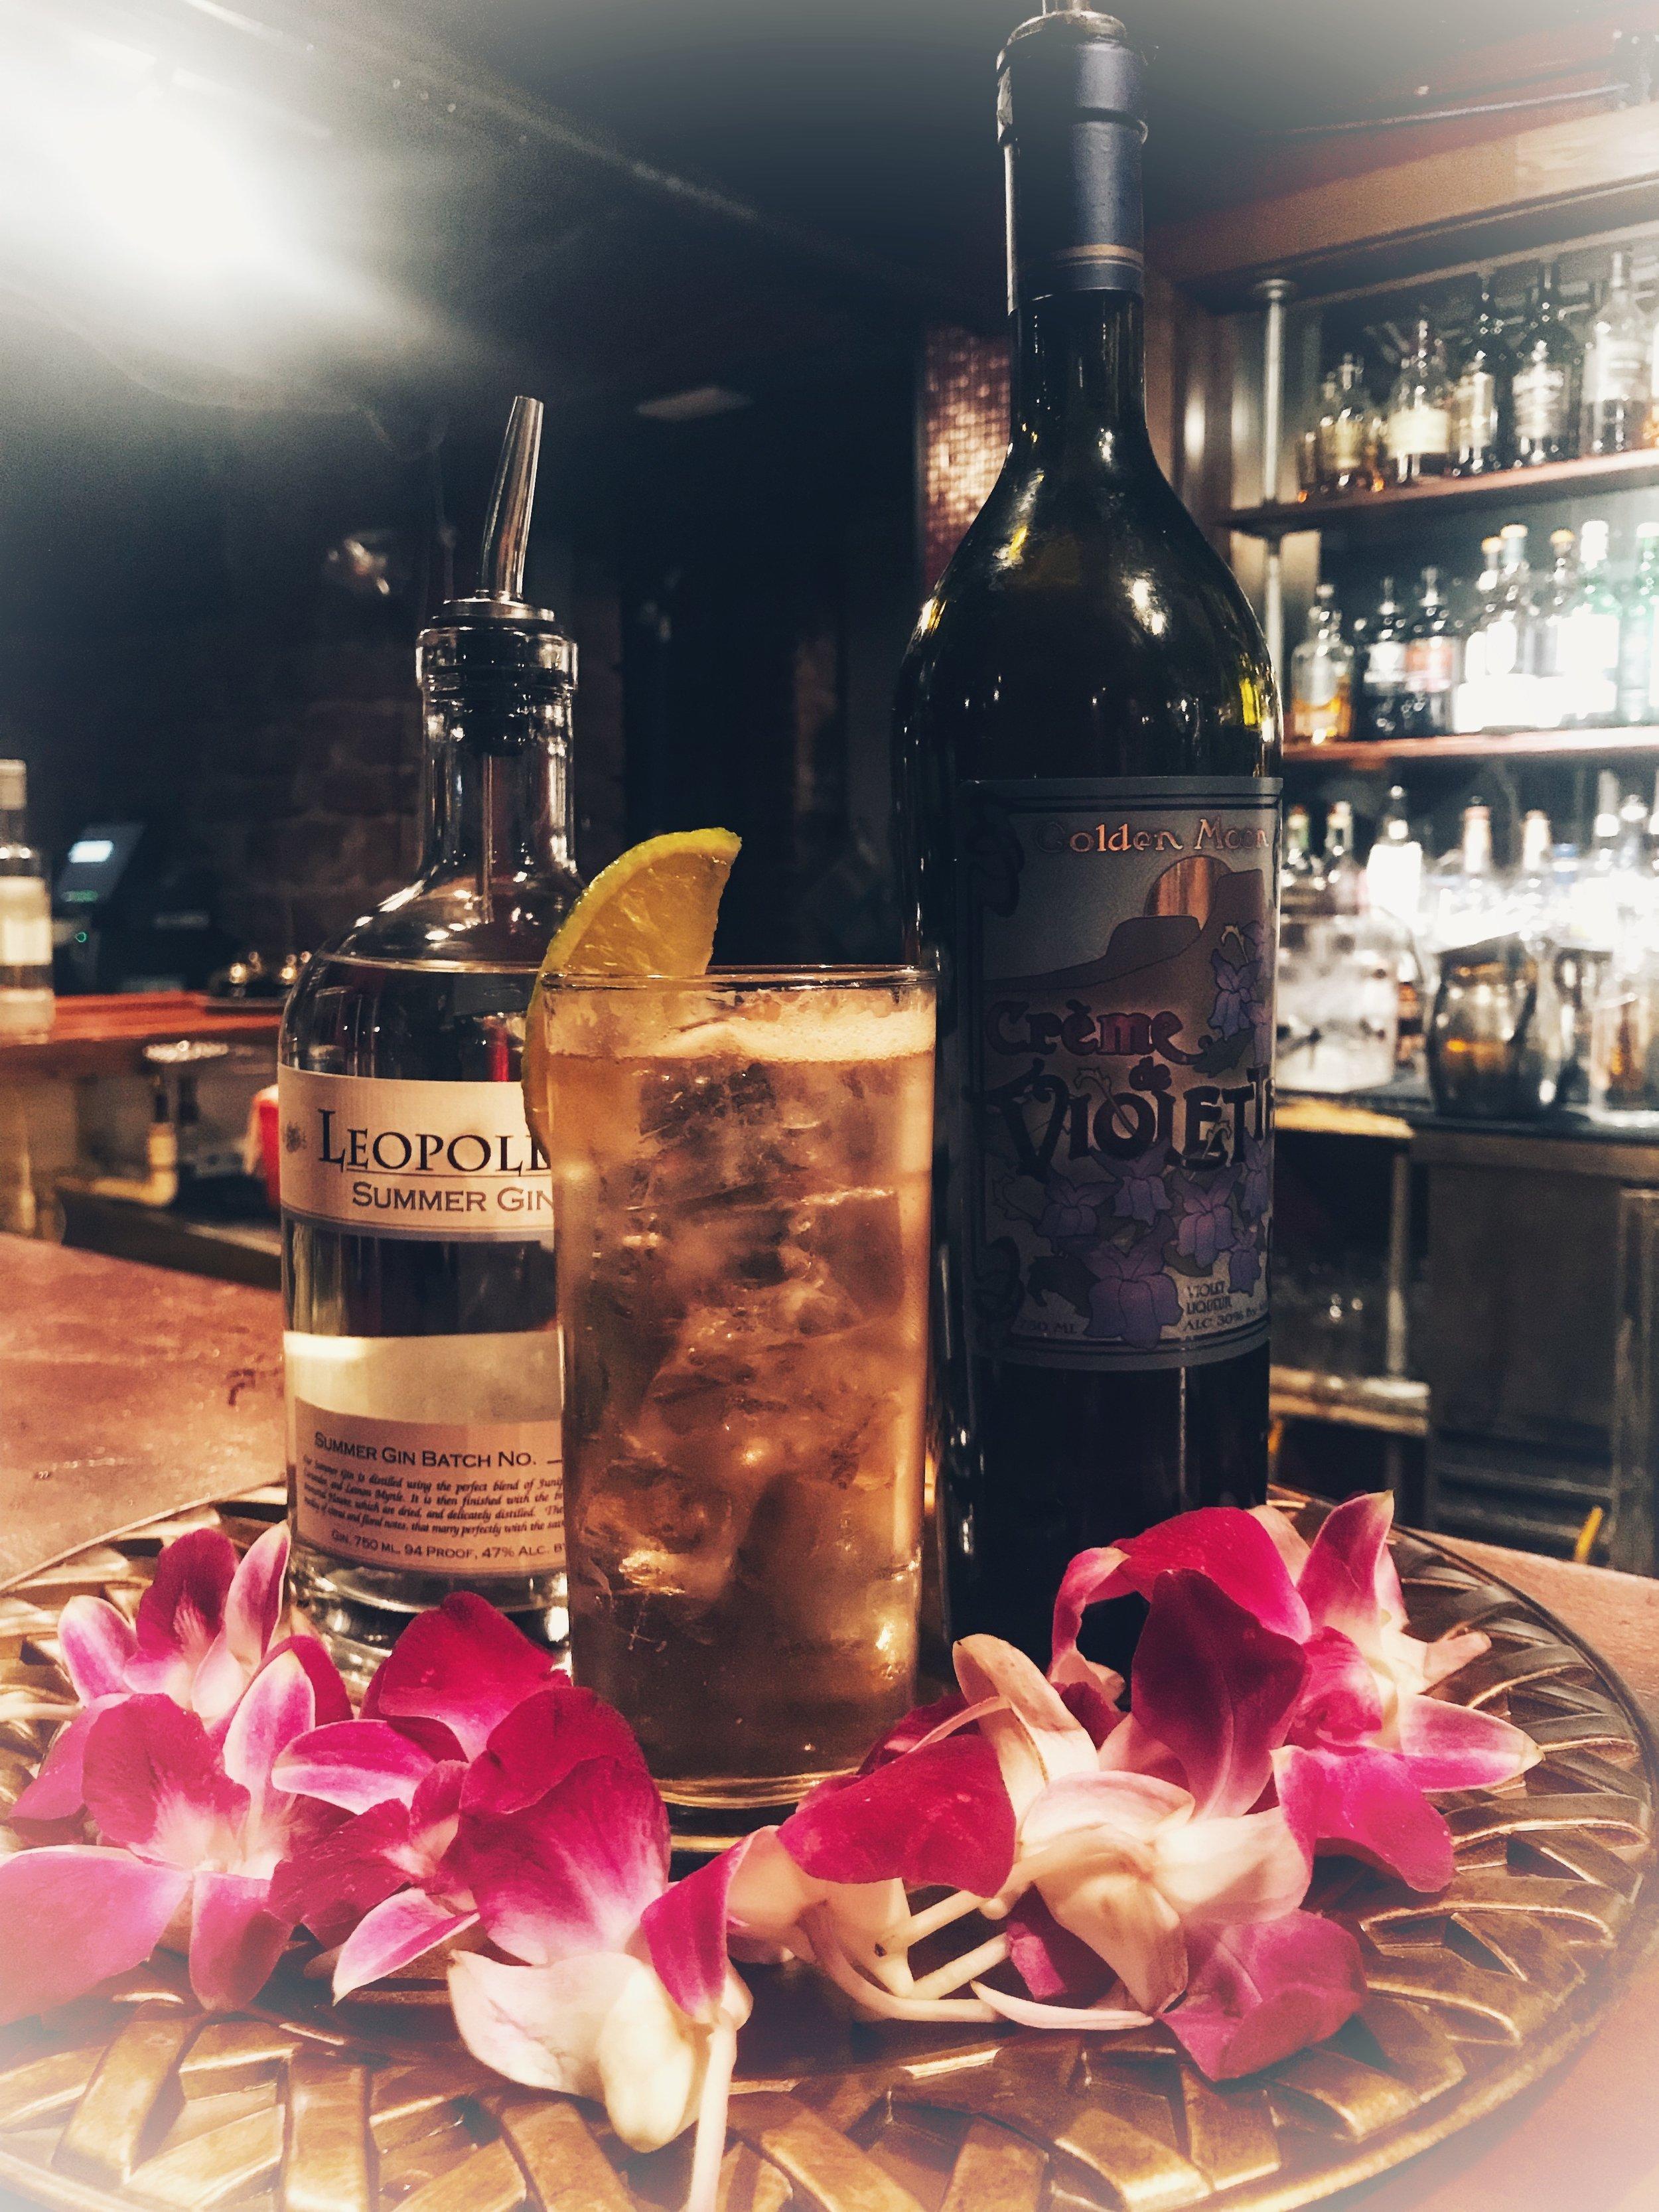 Leopold's Summer Gin (1.5 oz)  Golden Moon Creme de Violette Liqueur  Tonic Water  Lime